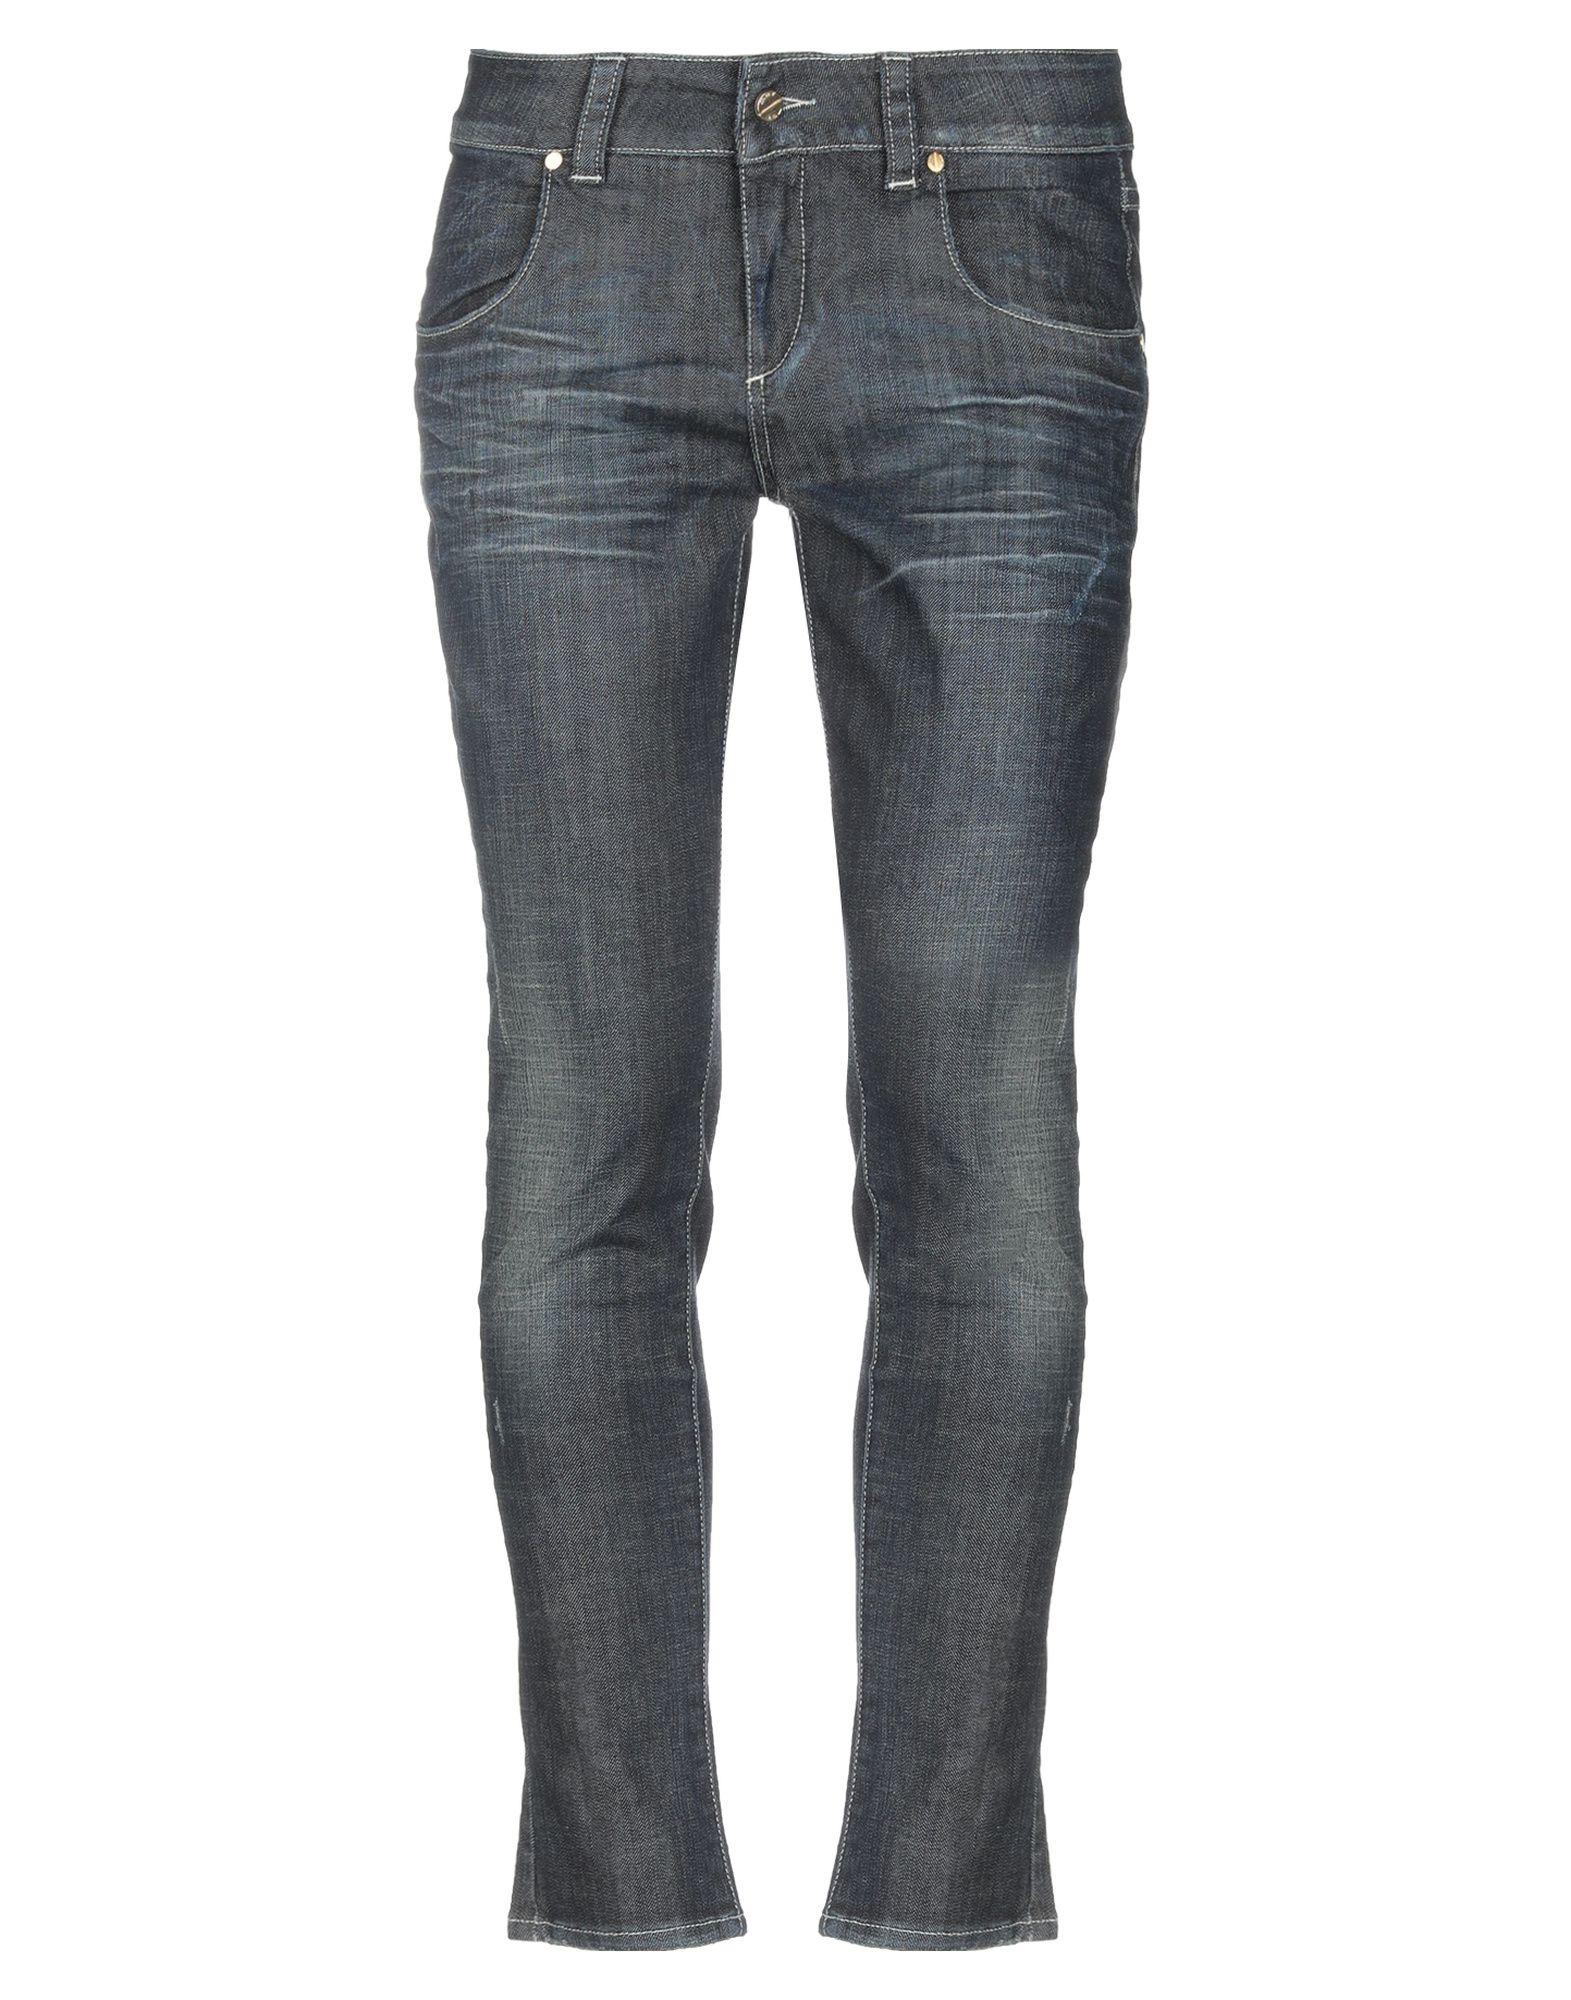 Pantaloni Jeans Jeans Met In Jeans donna - 42722667WG  neue sadie